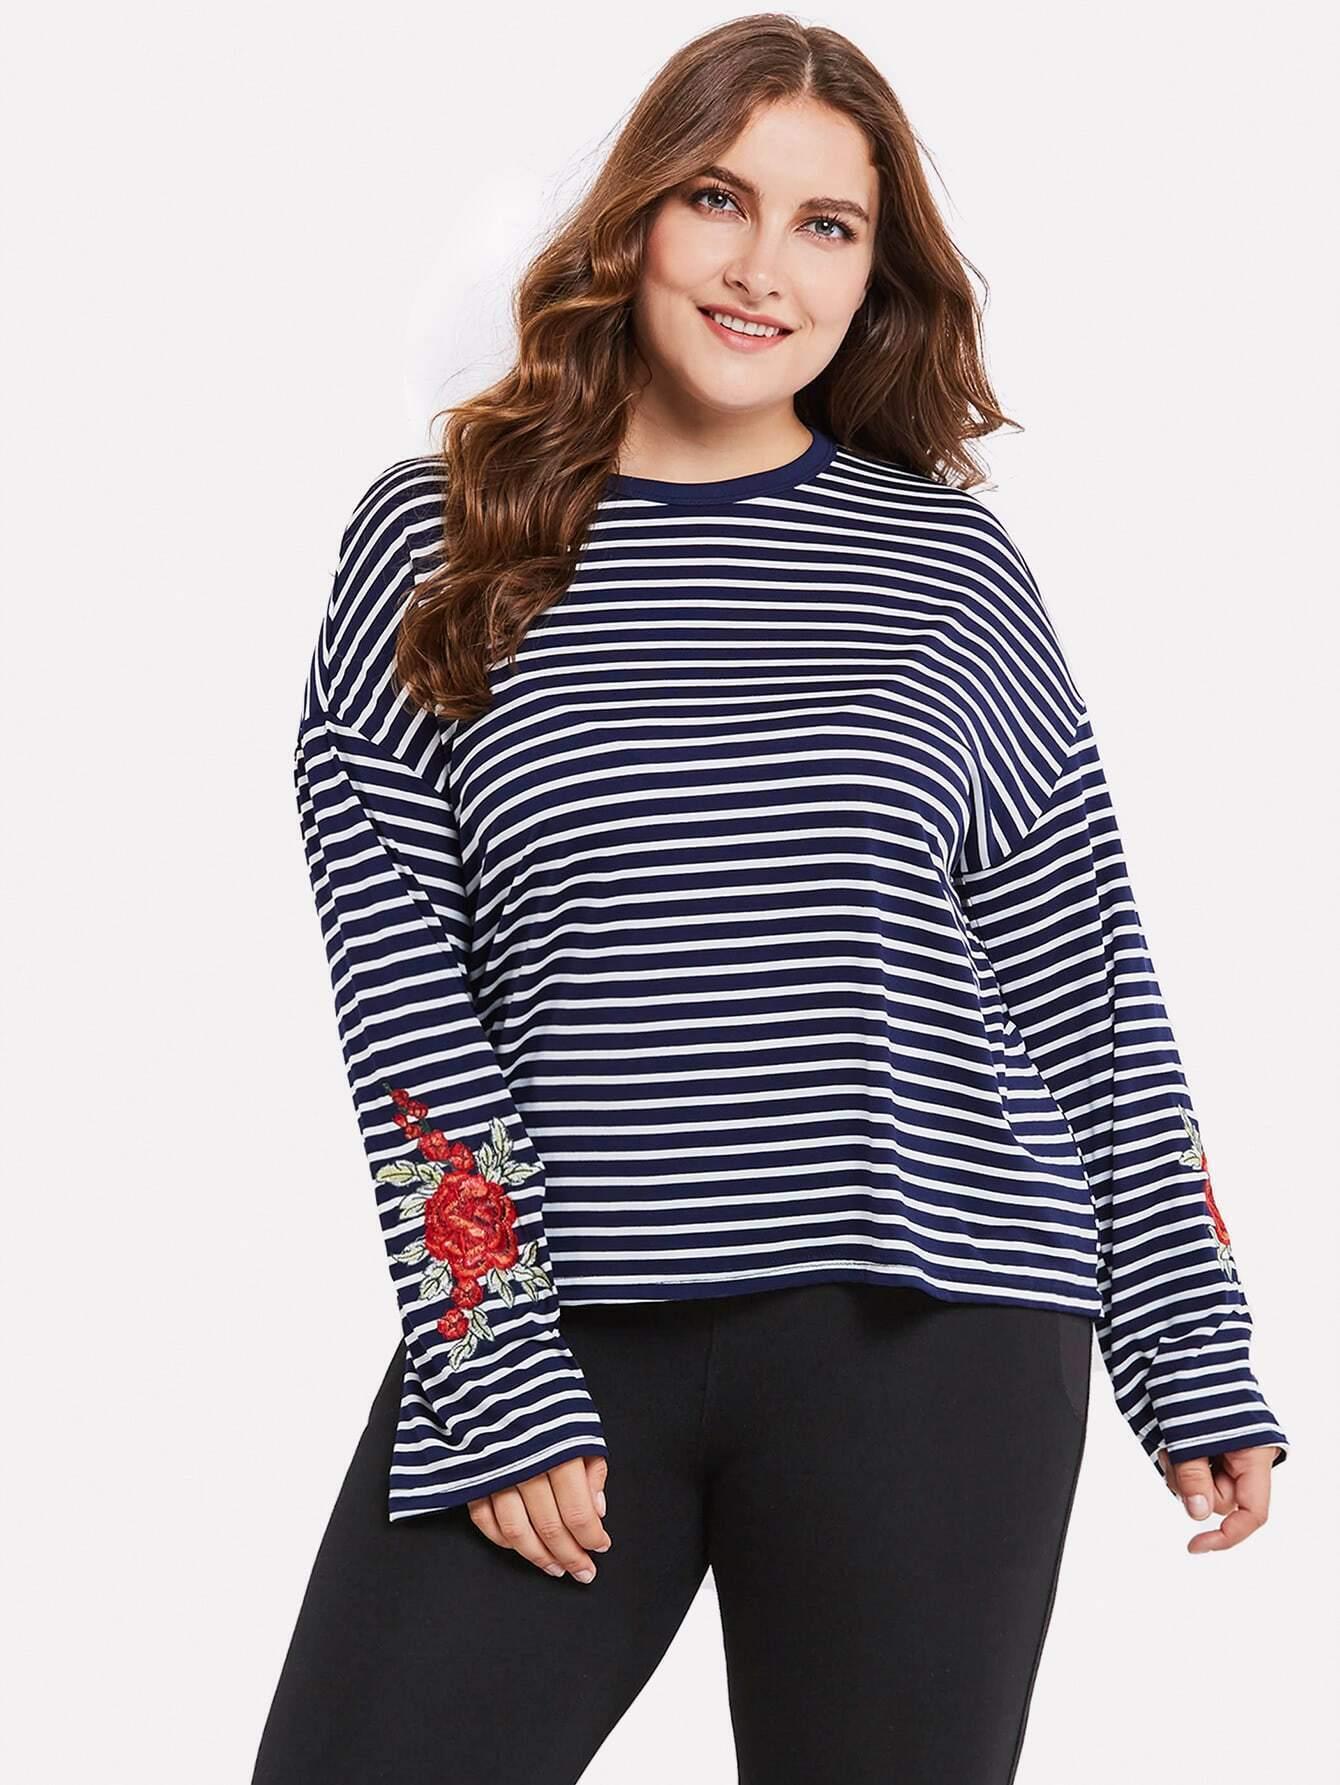 Plus Contrast Stripe Embroidery Tshirt striped longline tshirt